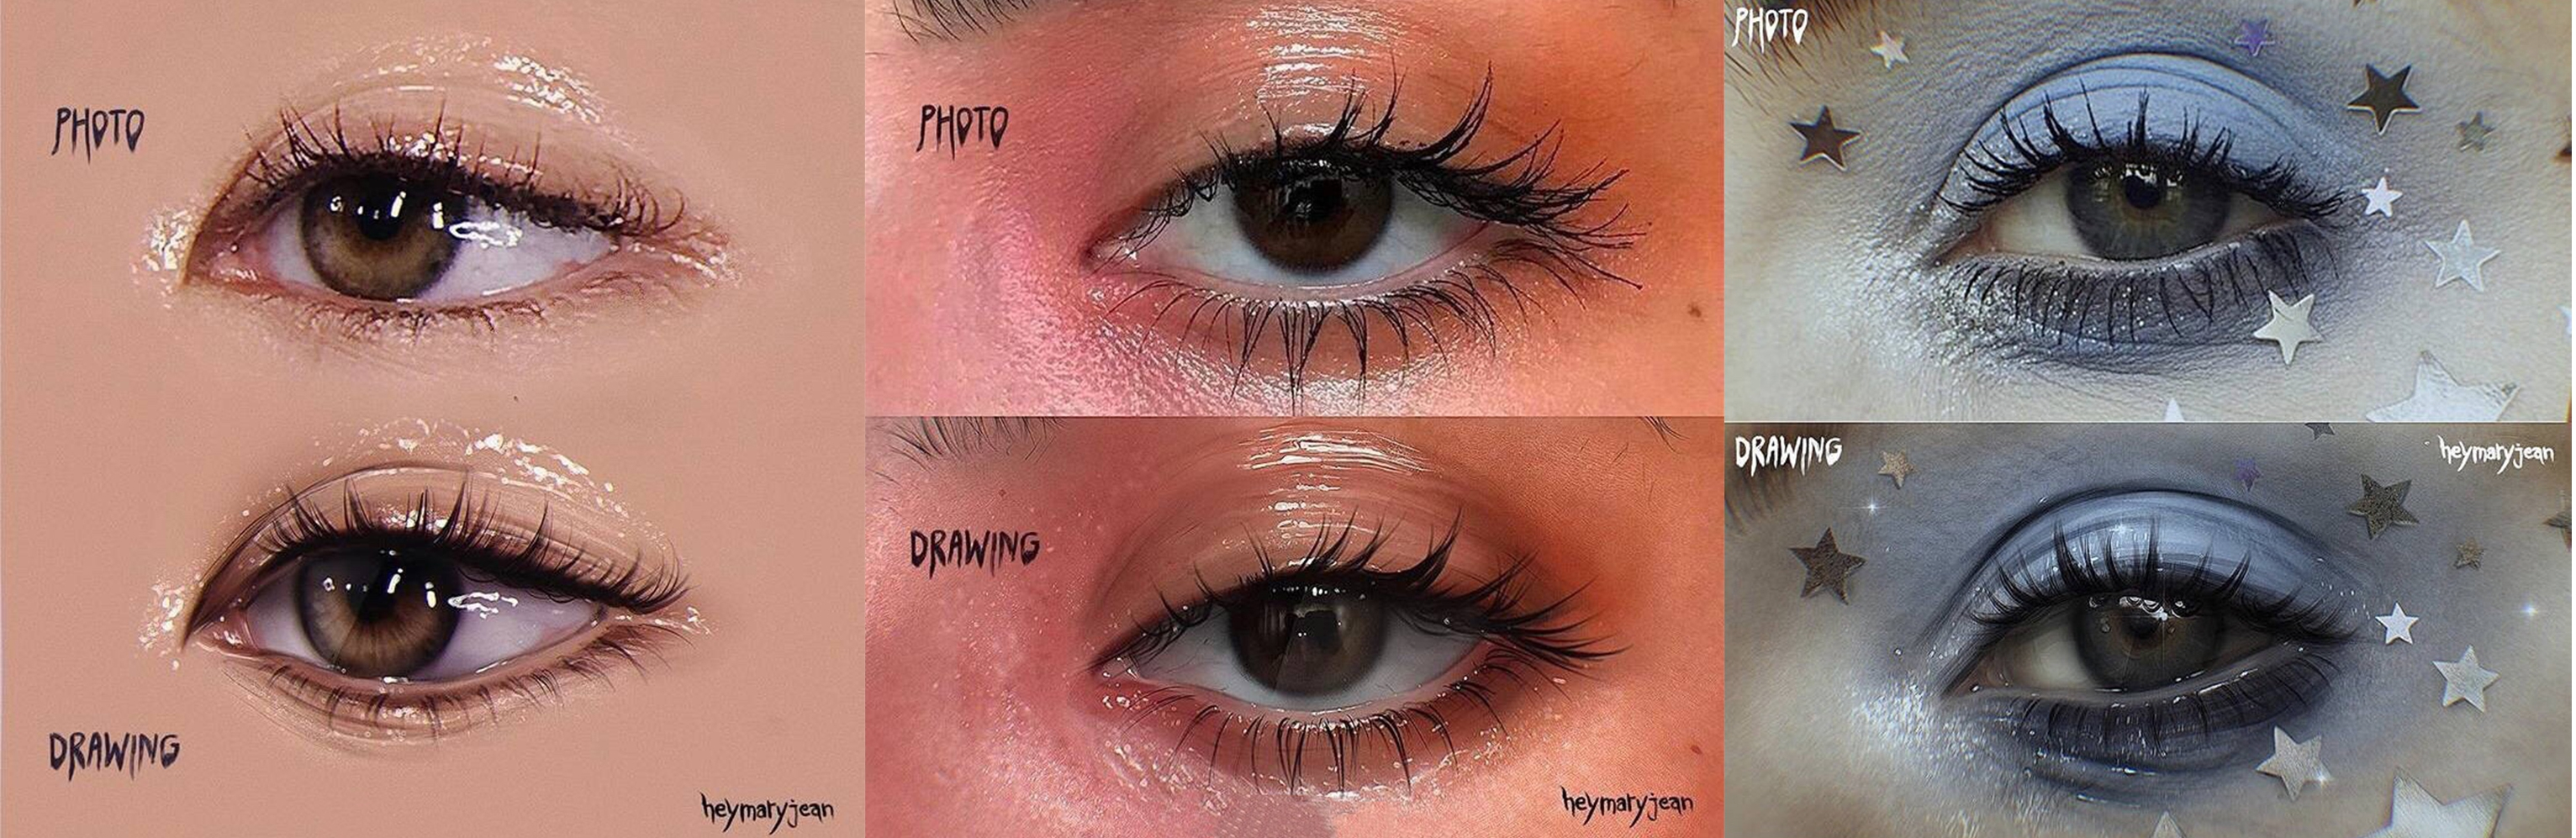 眼睛_WPS图片.jpg